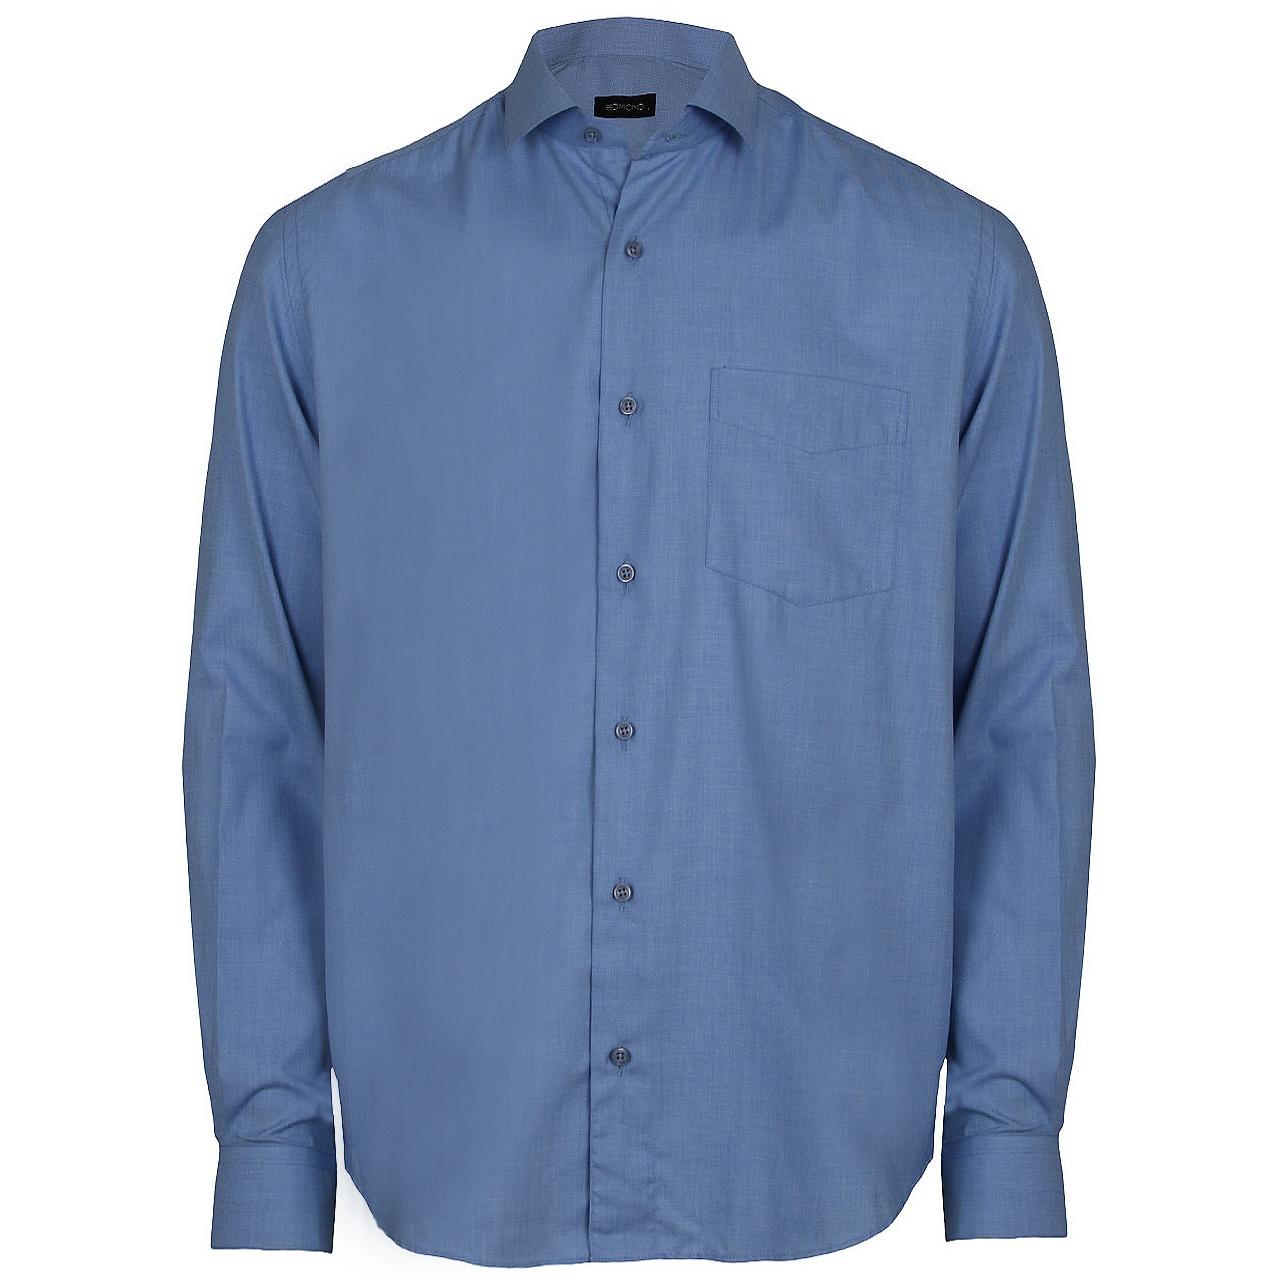 پیراهن مردانه ادموند کد 321000113